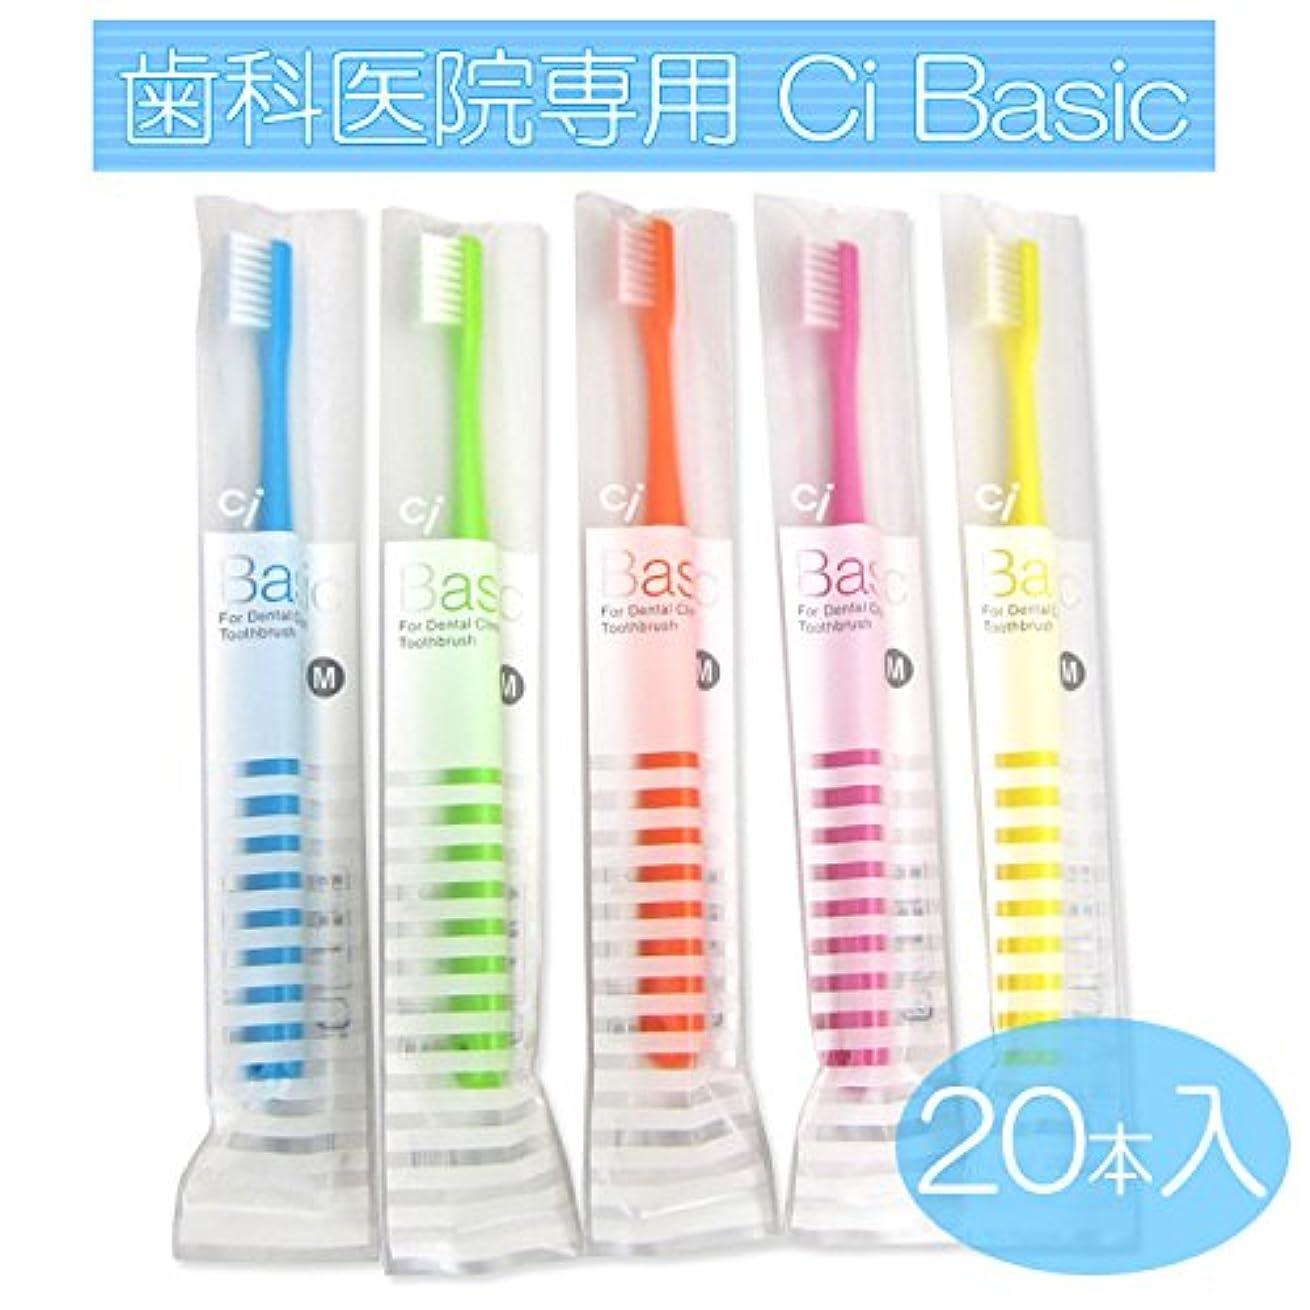 アクセント目的政策Ci ベーシック (M ふつう 5色アソート) 20本入【Ciメディカル 歯ブラシ】